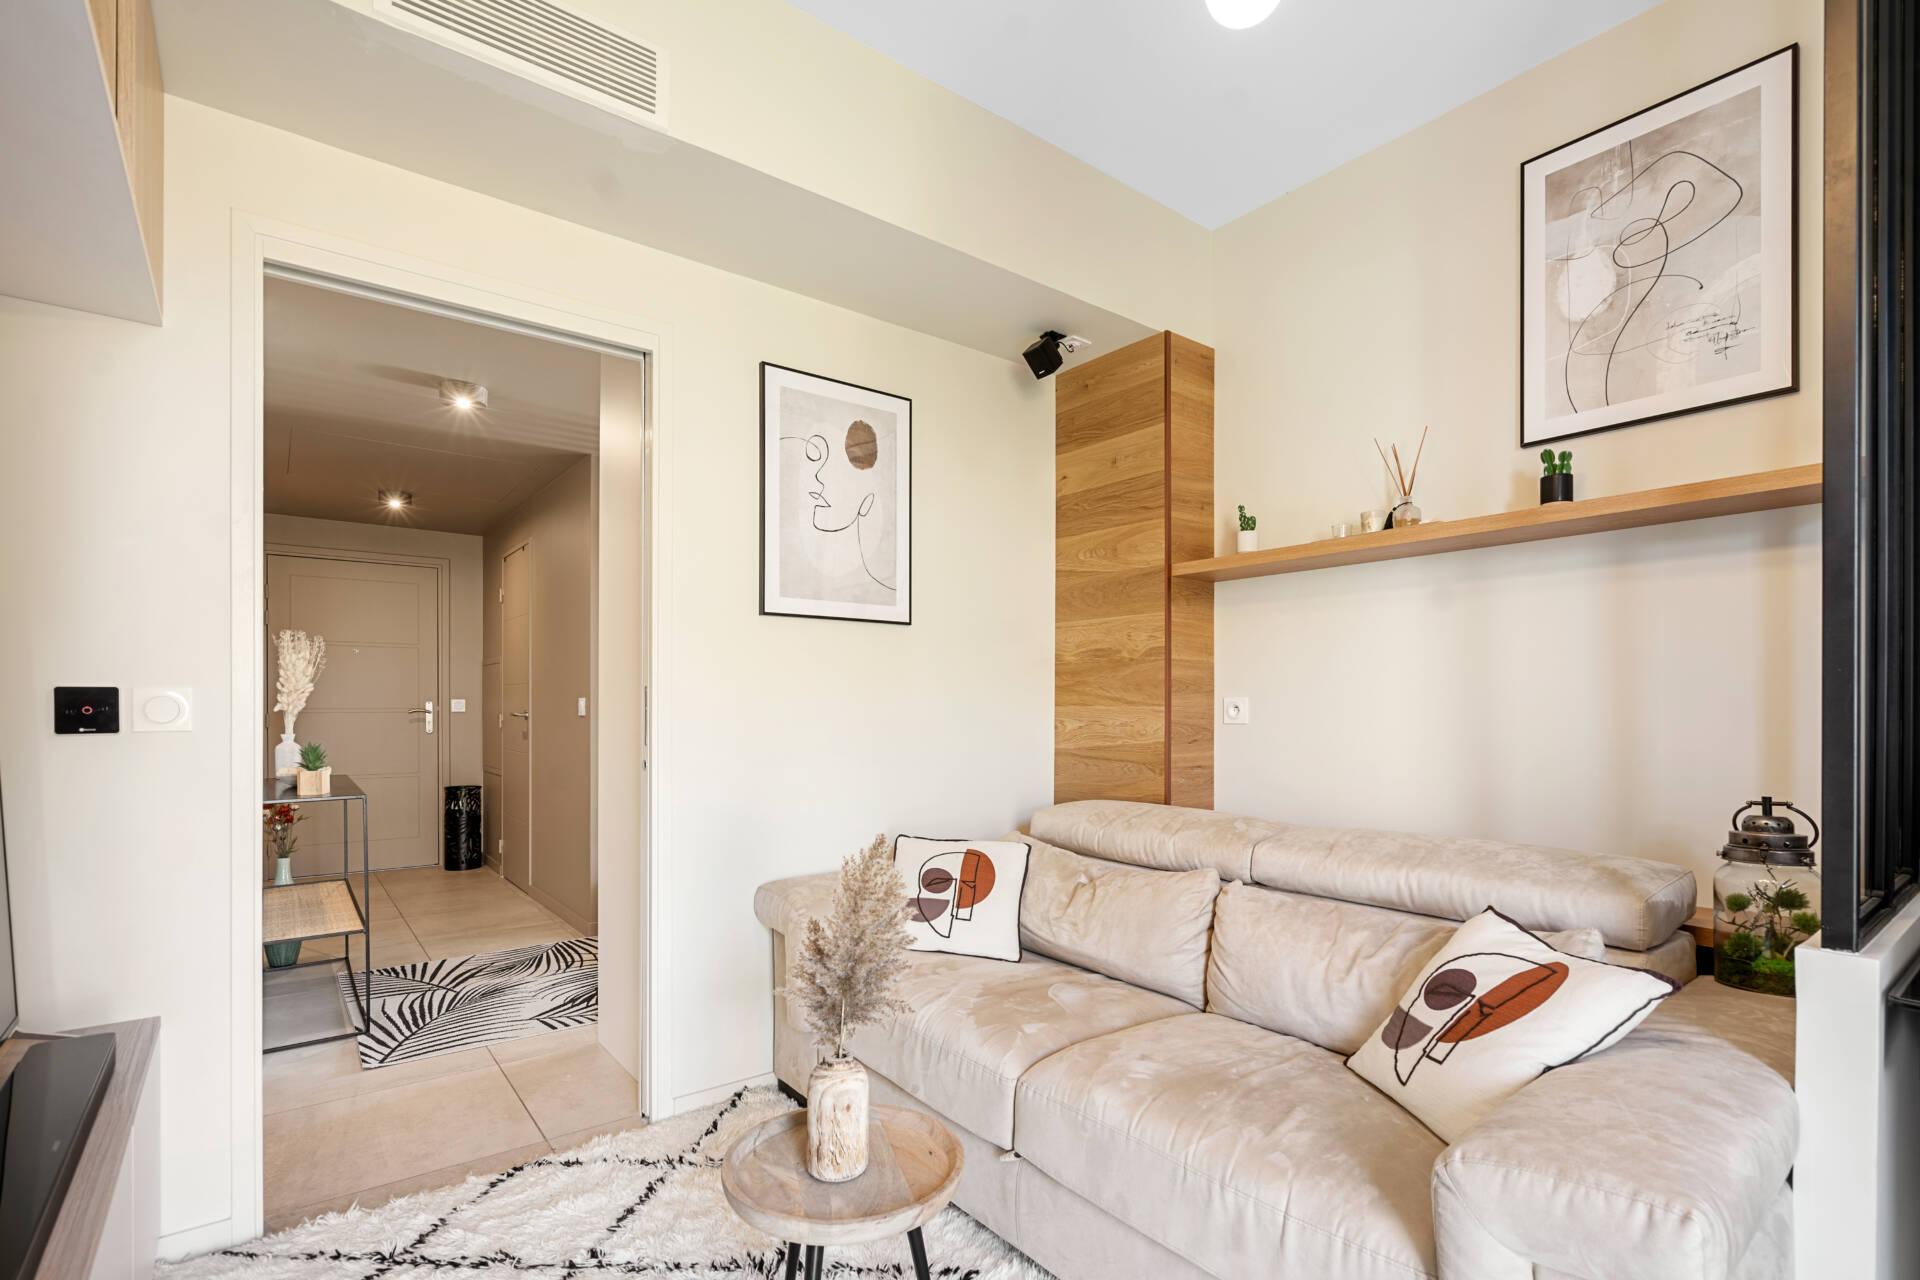 Décoration et agencement Appartement neuf Aix en Provence - salon avec séparation verrière, par Myll décors , Agence de décoration à Aix en Provence et dans le Var